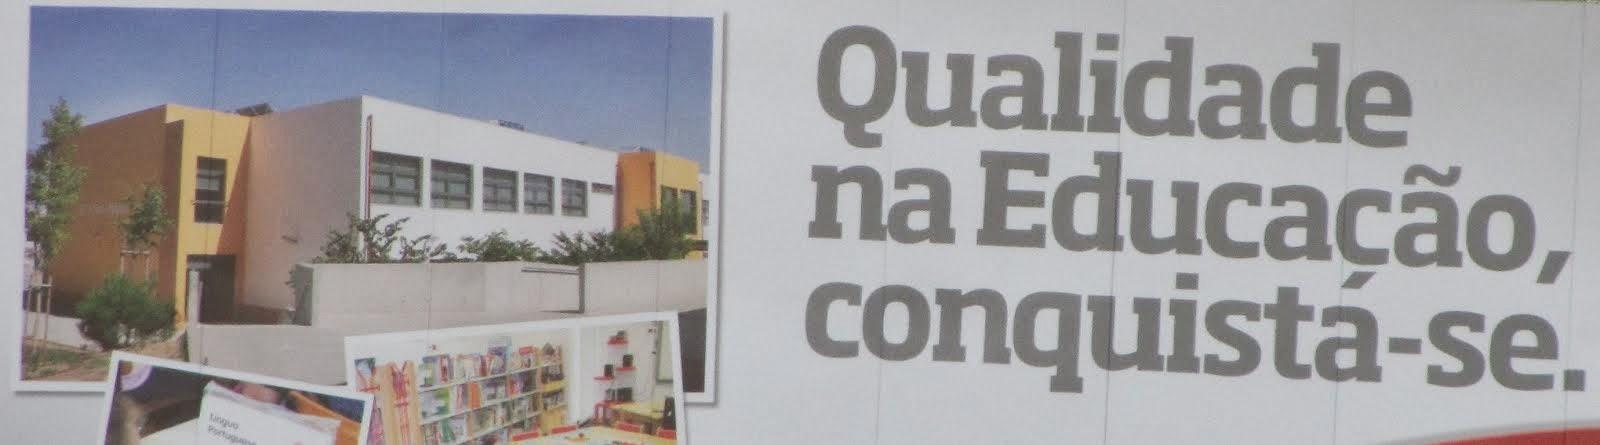 EB1/JI Porto Pinheiro